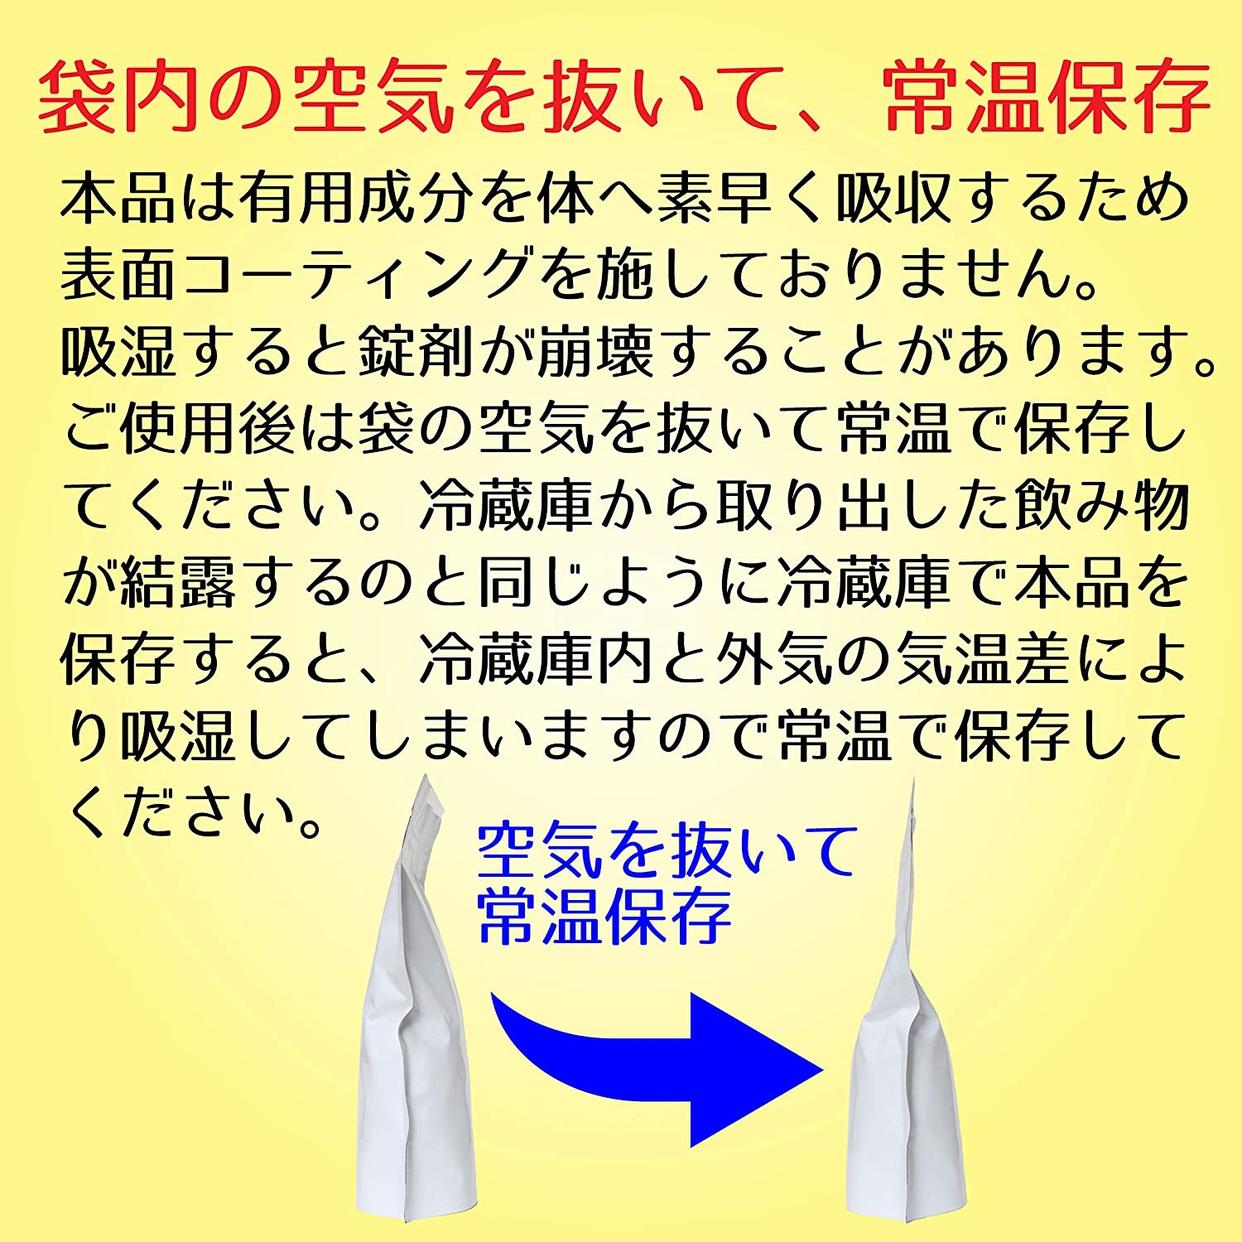 JAY&CO.(ジェイアンドシーオー) L-リジンの商品画像6